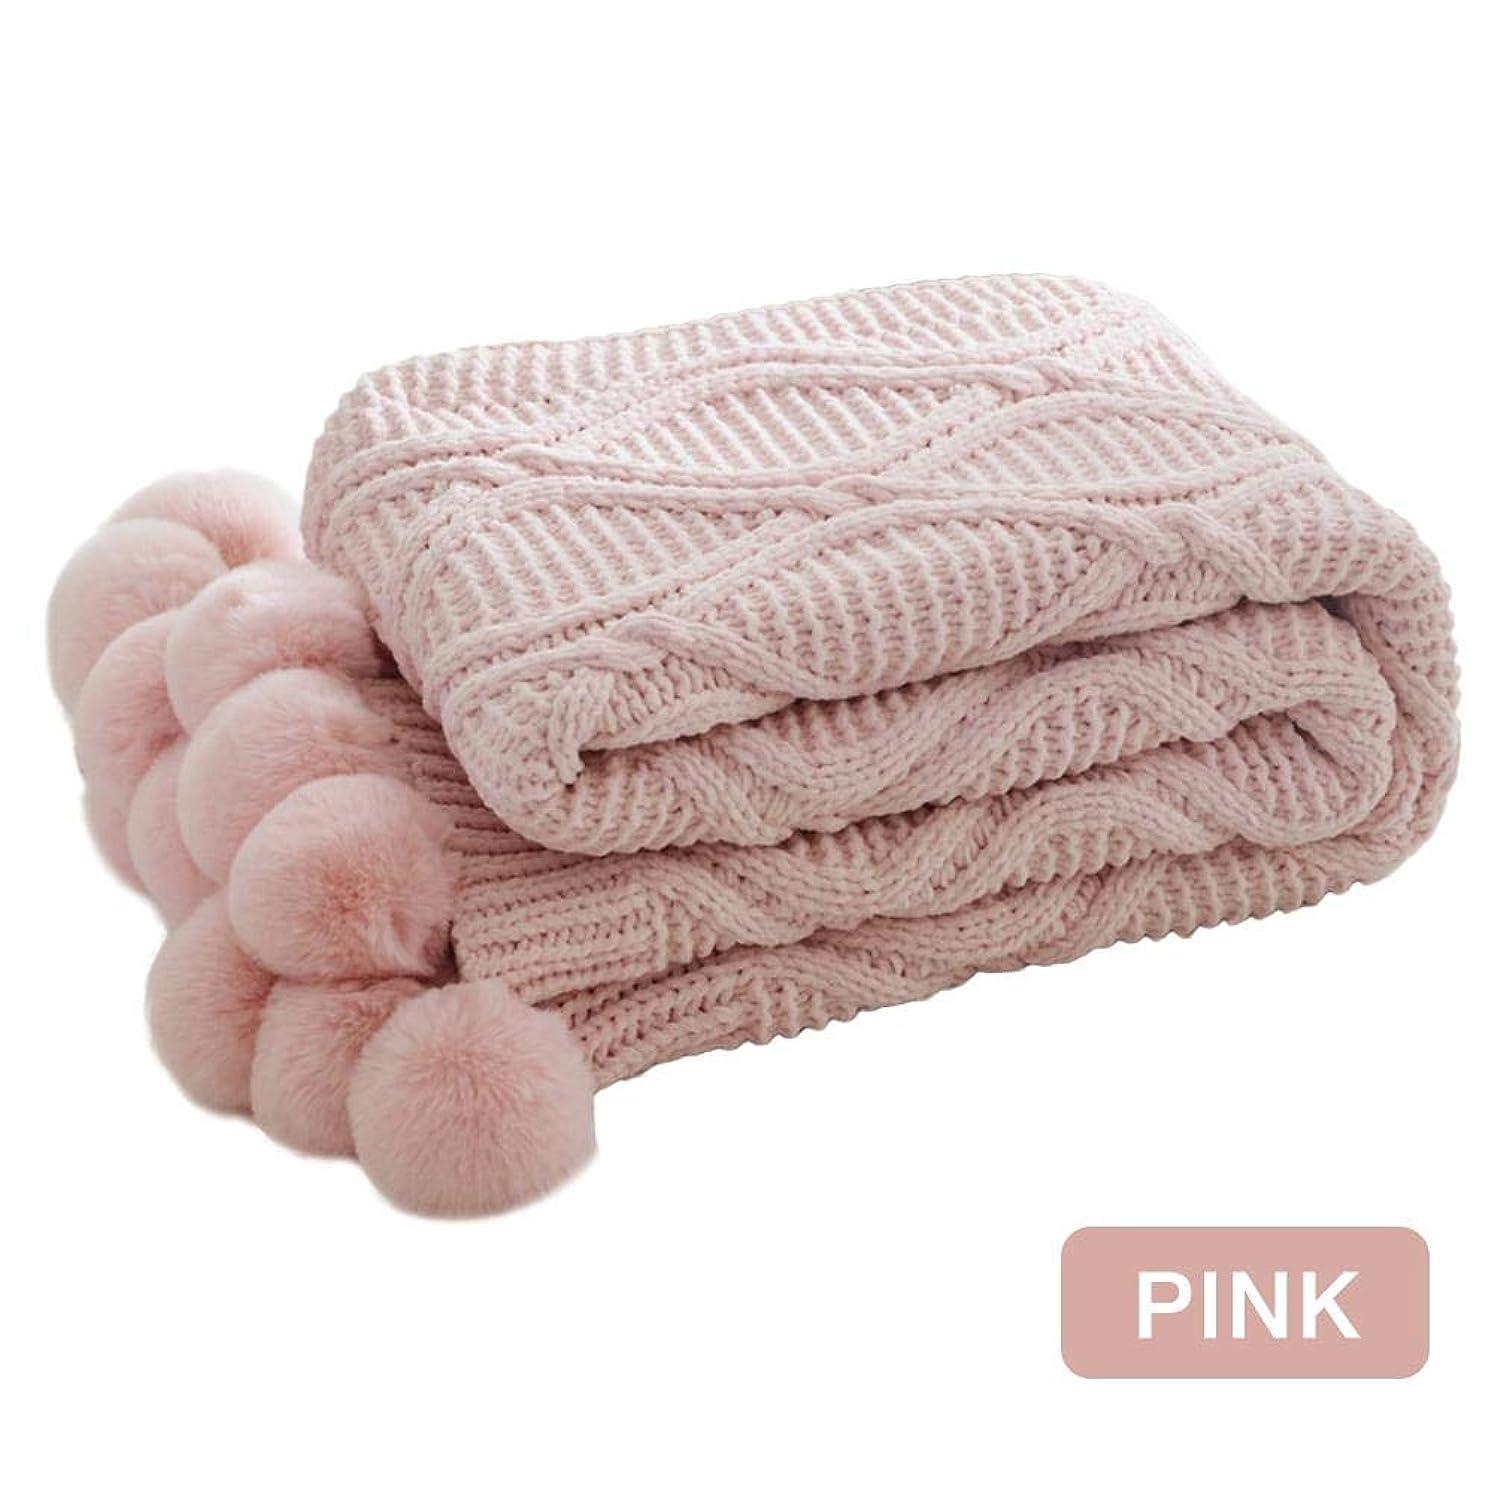 普遍的な誠意ツインRagem 毛布 ブランケット 掛け毛布 ポンポン 昼休み 肩掛け シェニール ベッドスロー ひざ掛け ふわふわ 柔らかい 冷房対策 130 x 160cm